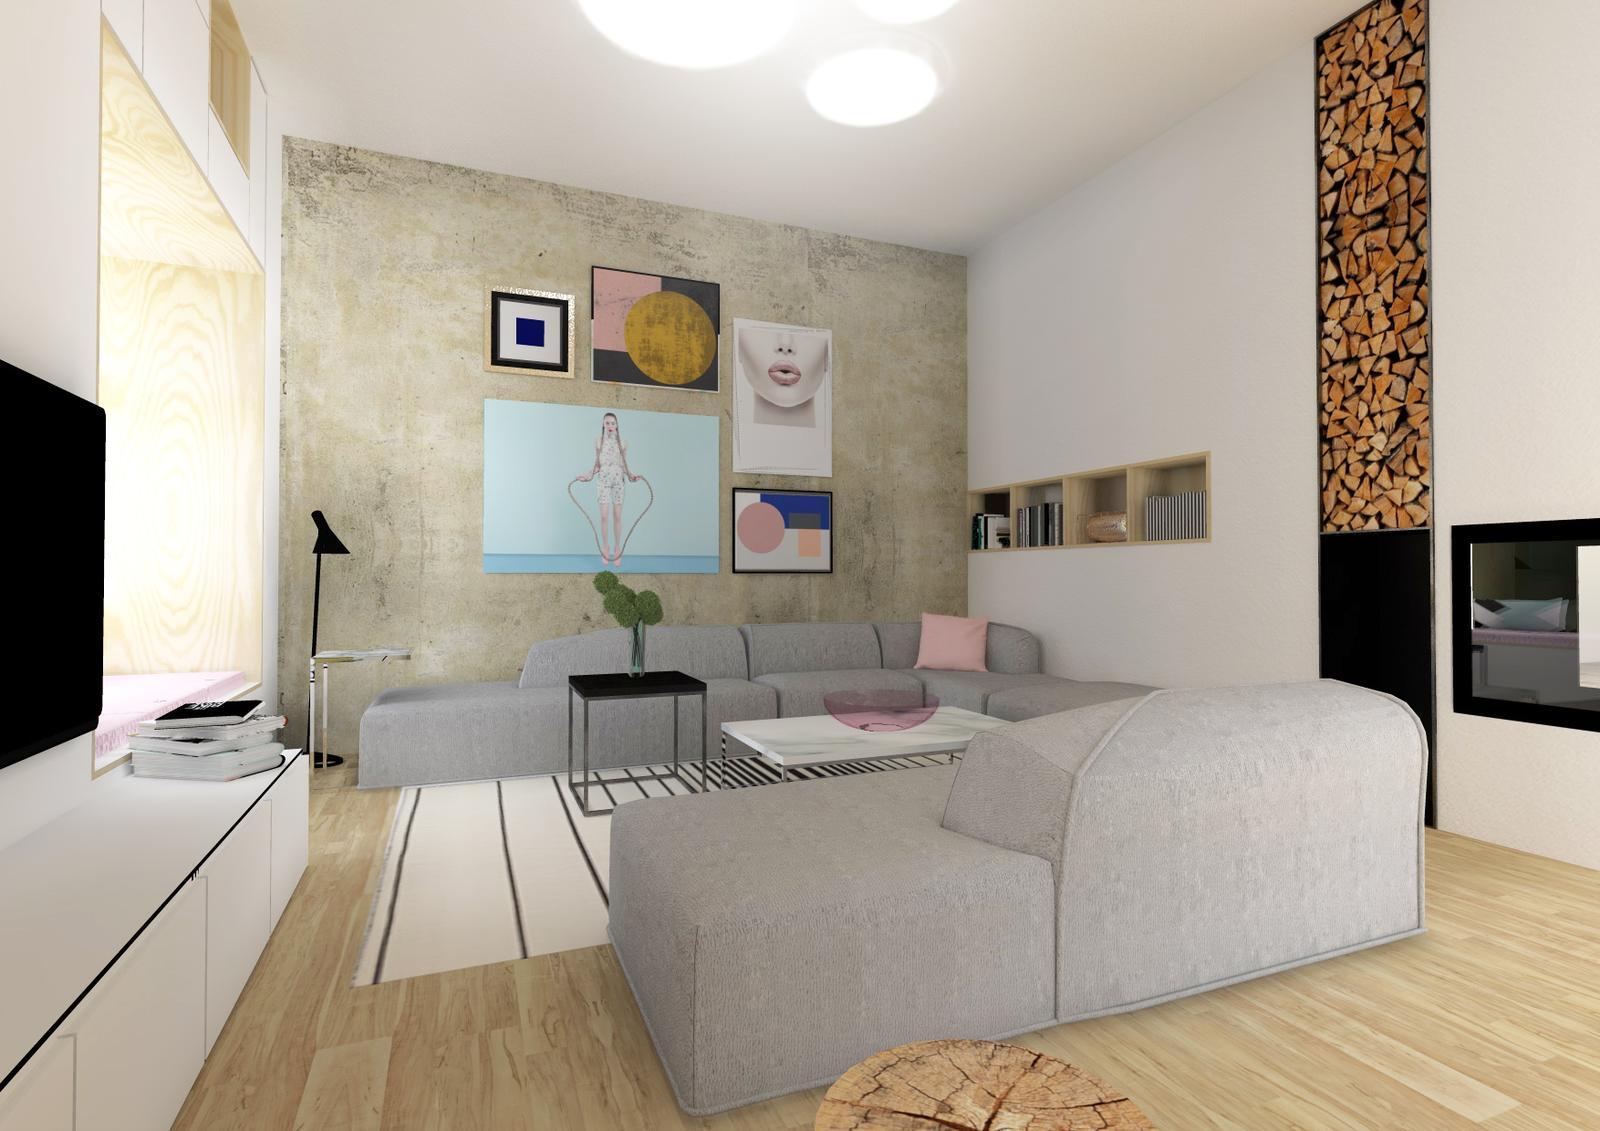 Obýváky - Obrázek č. 45